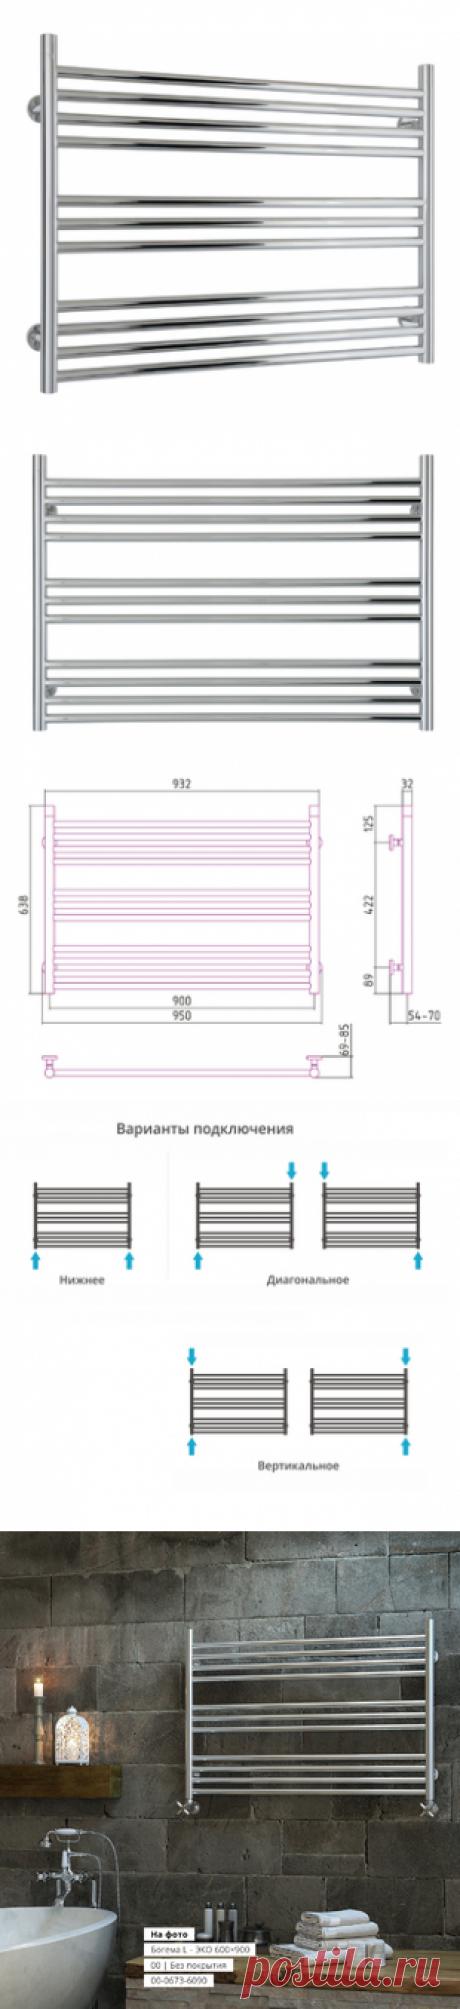 Водяной полотенцесушитель Сунержа Богема L-ЭКО 600х900 арт. 00-0673-6090 (артикул: 00-0673-6090) в Москве